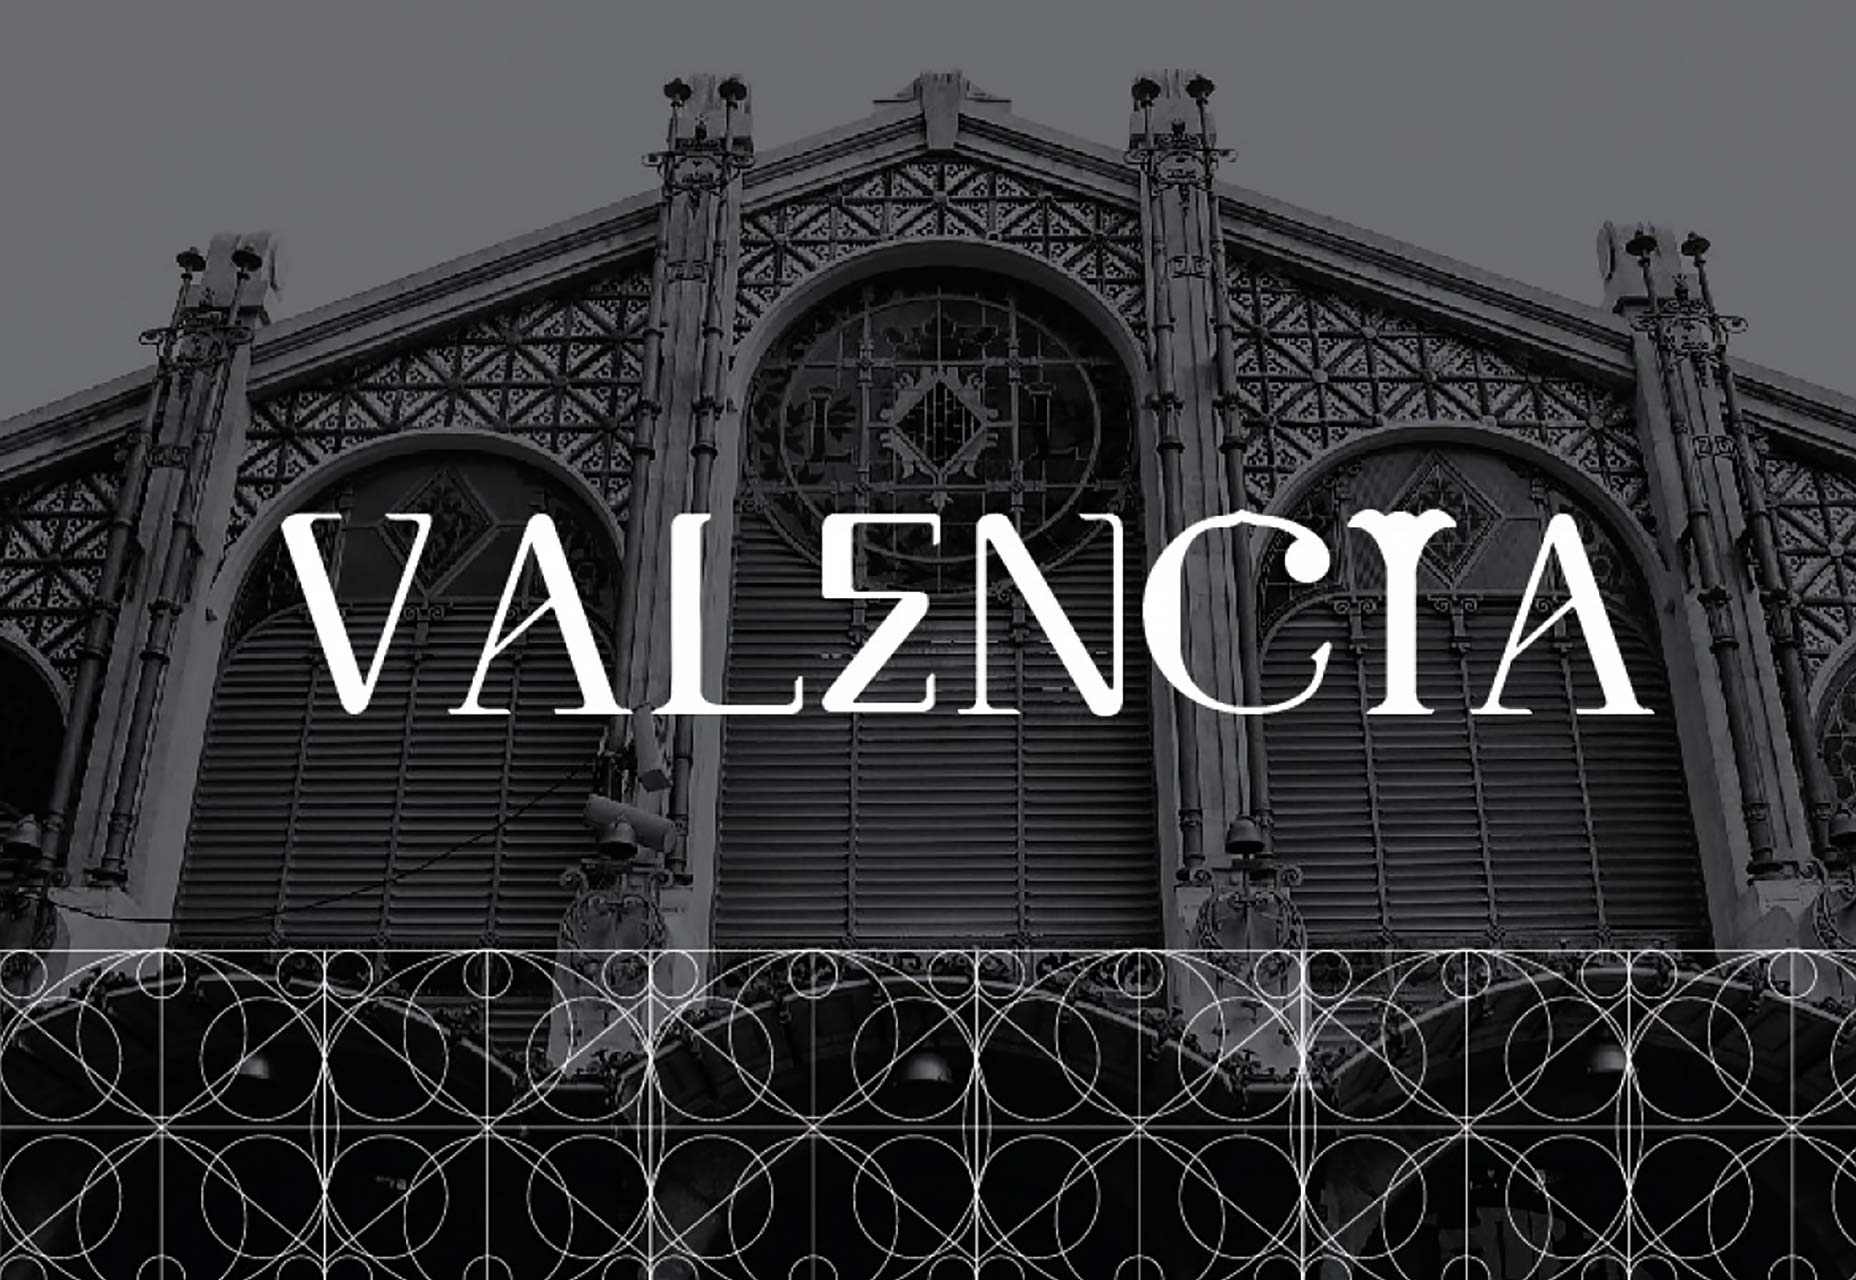 043_valencia